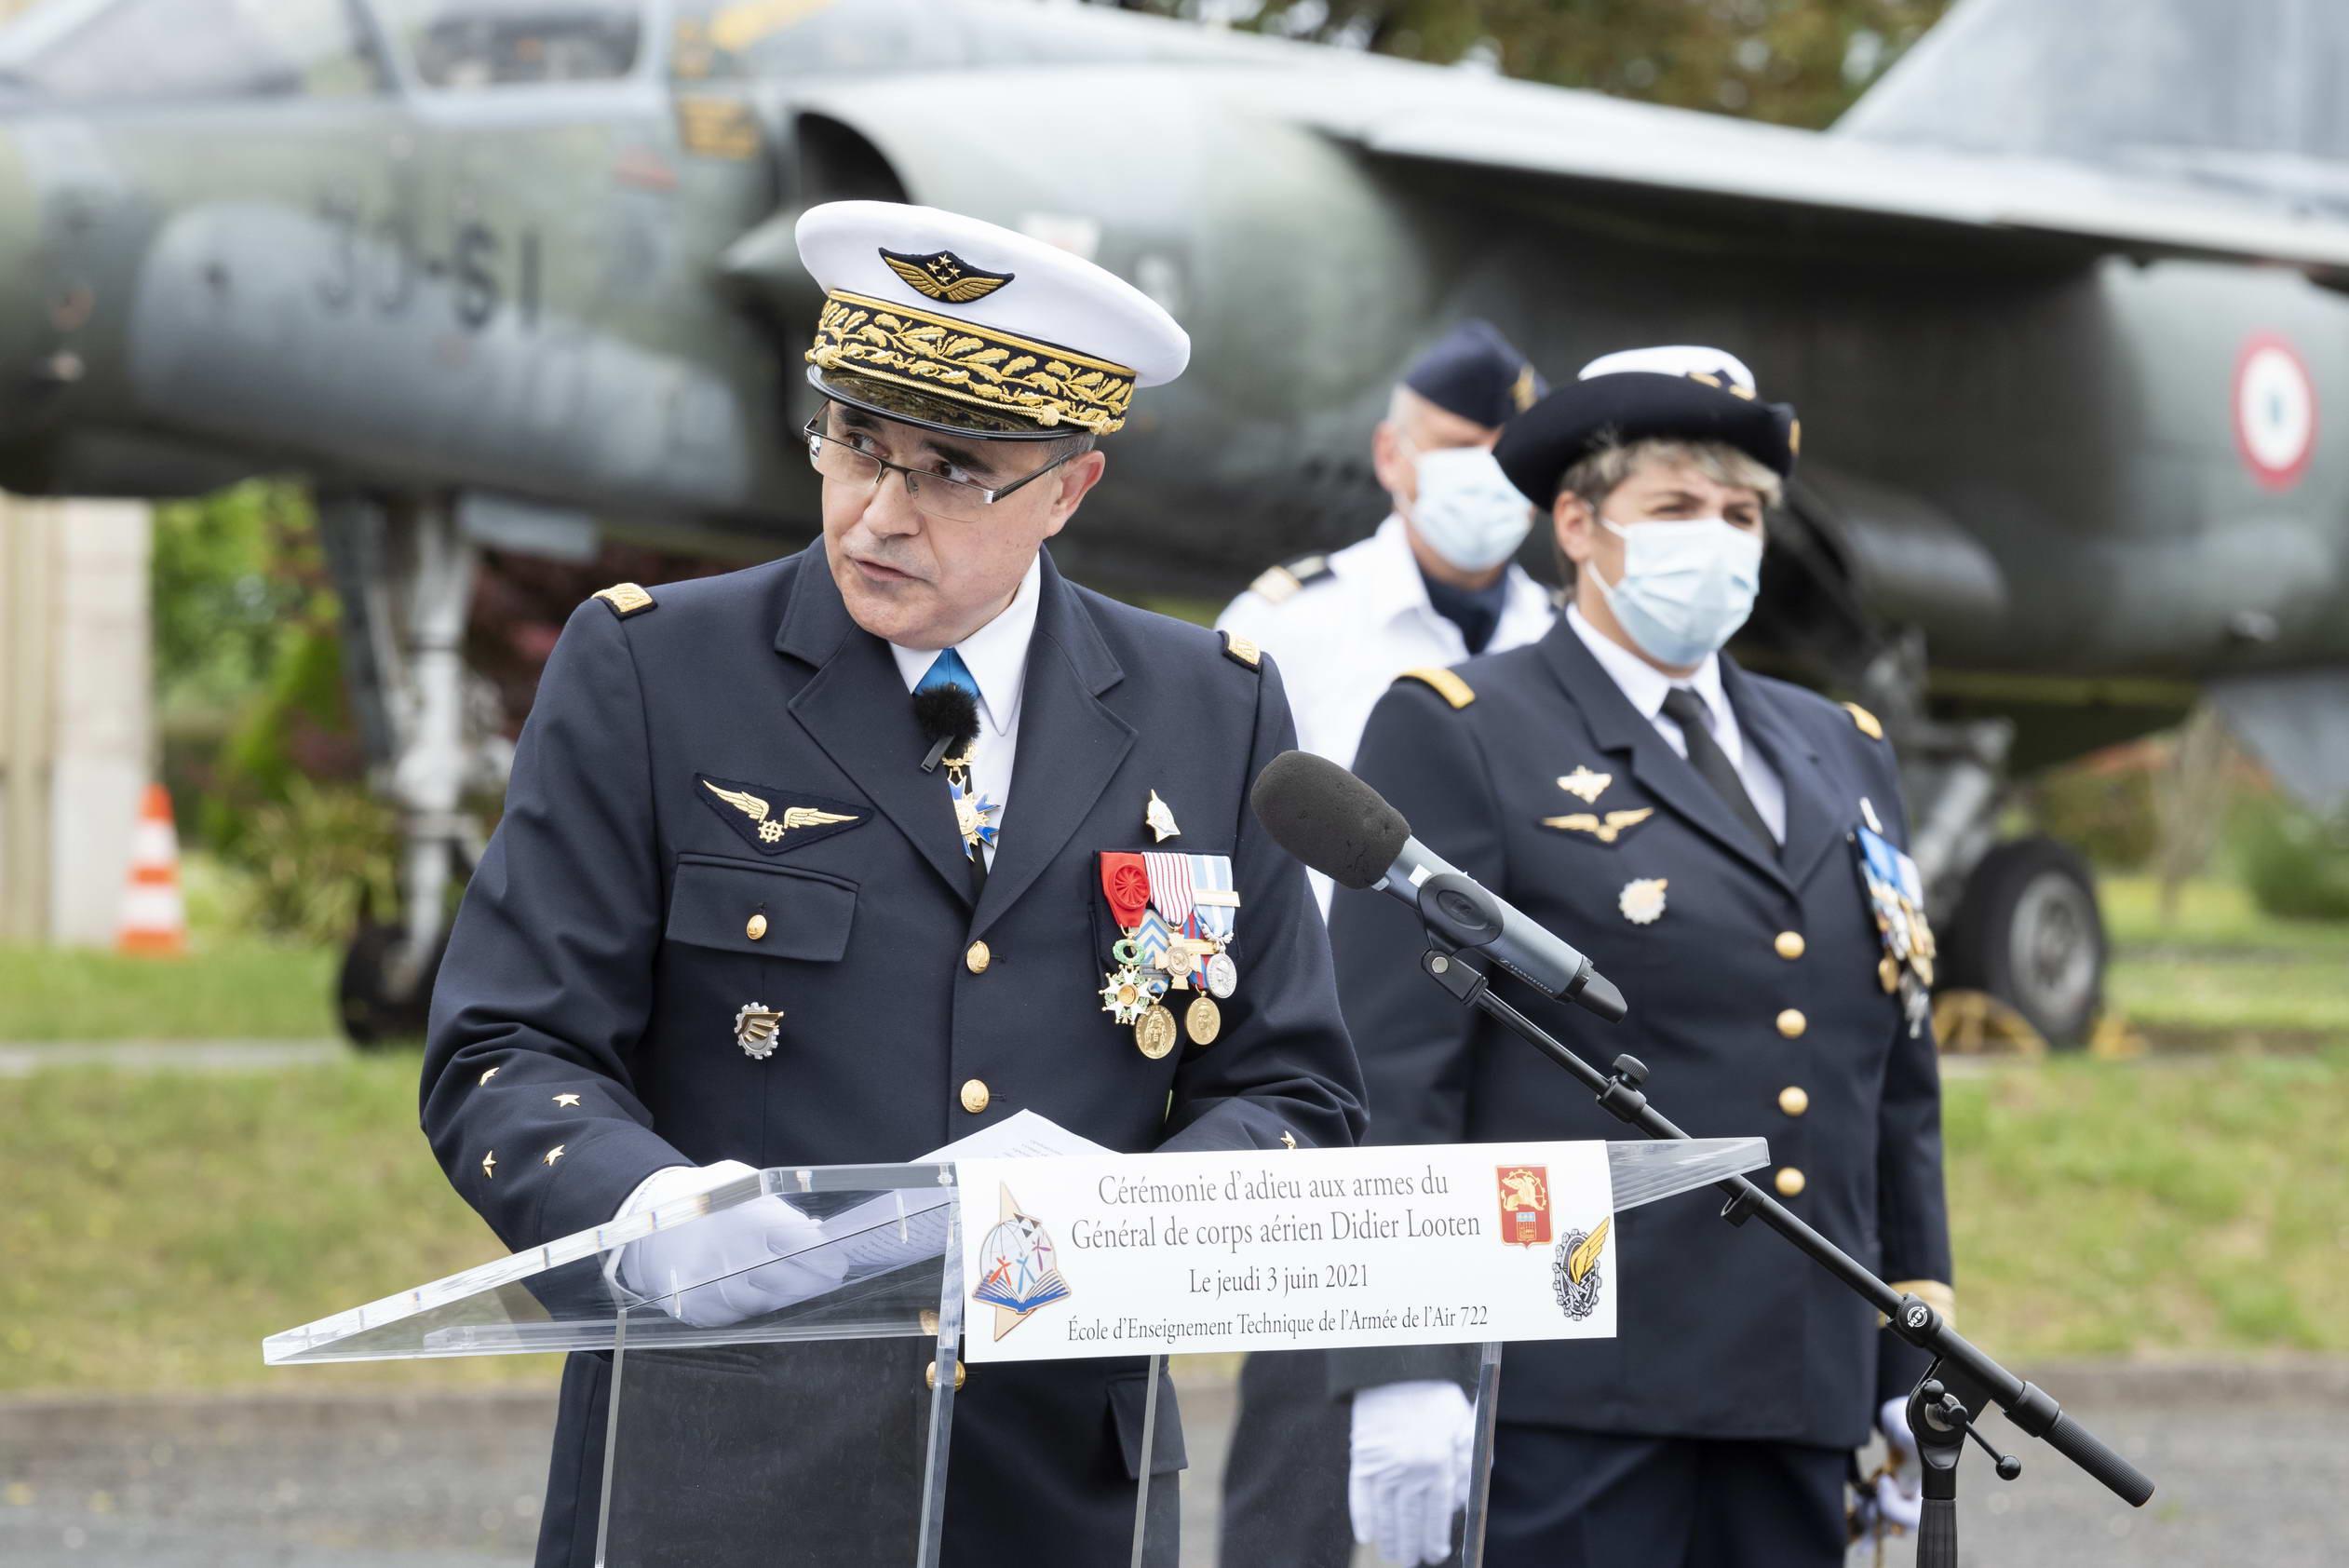 L'ADIEU AUX ARMES DU GENERAL DE CORPS AERIEN DIDIER LOOTEN (P87) 4